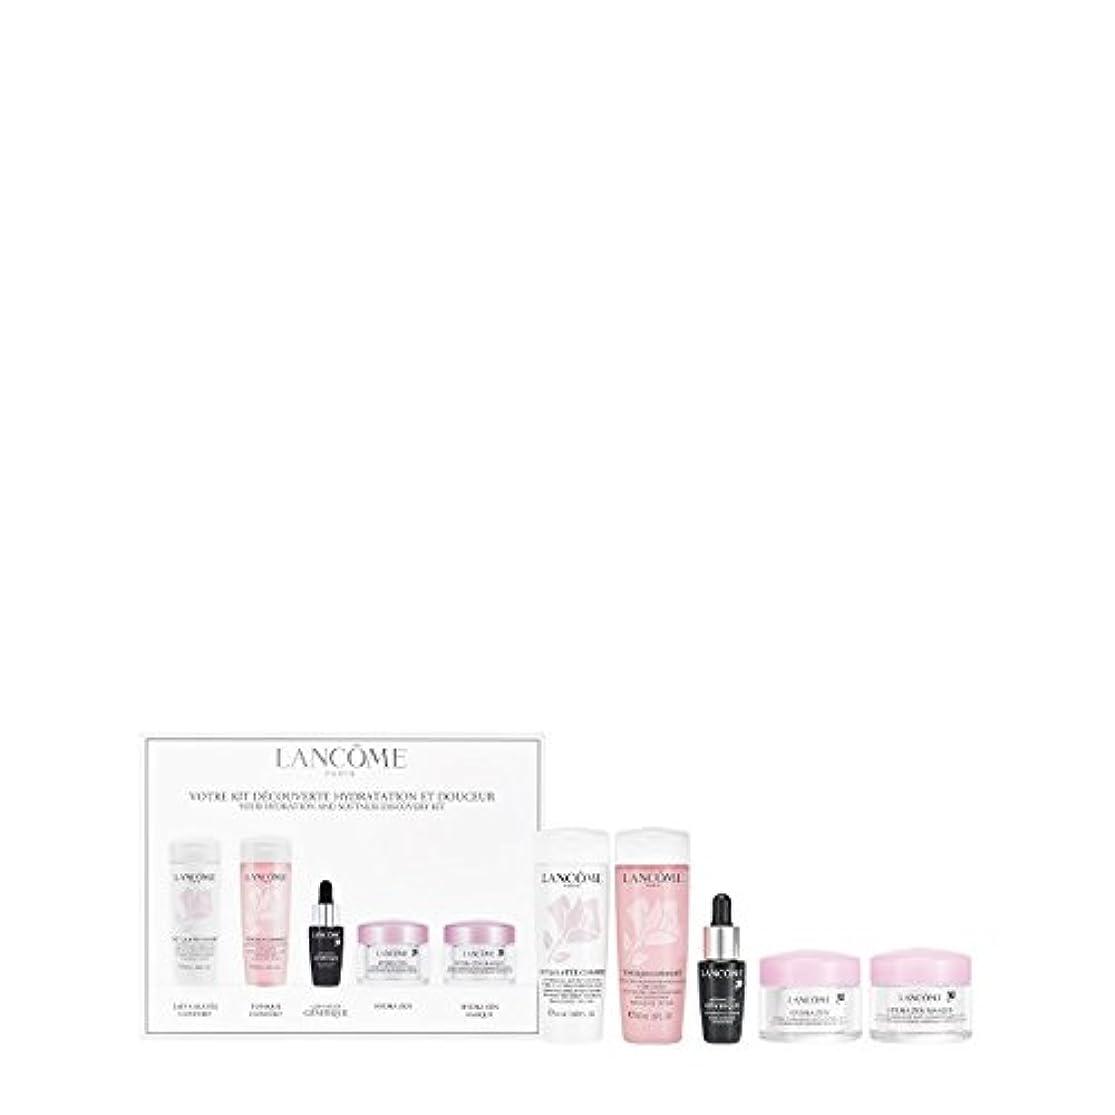 インポート新年天窓ランコム Your Hydration & Softness Discovery Kit: Confort Galatee+Confort Tonique+Genifique Concentrate+Hydra Zen...